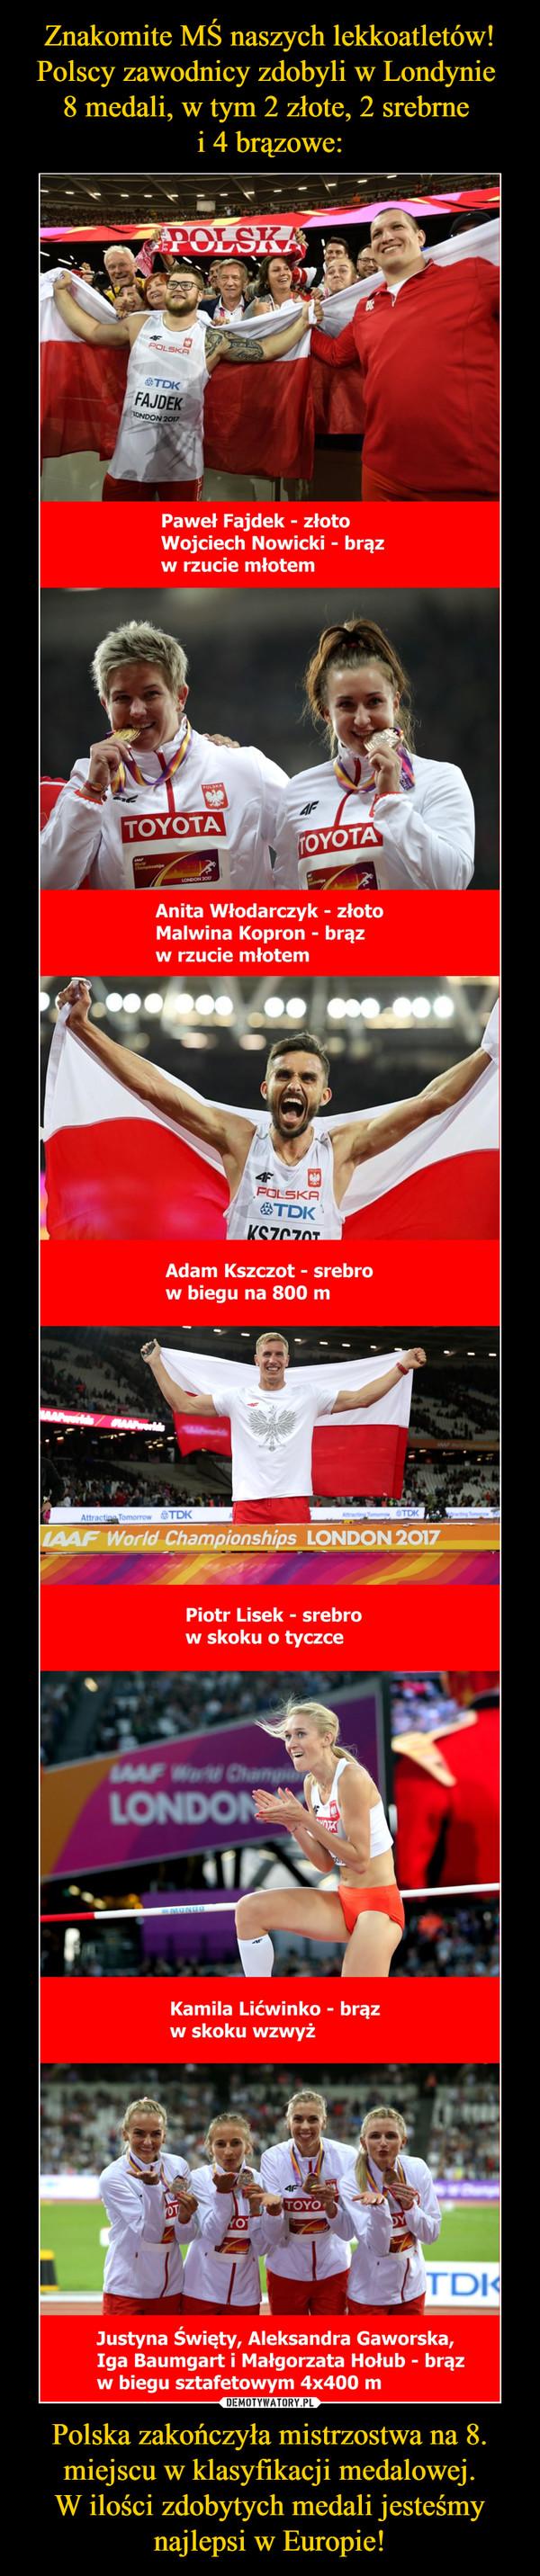 Polska zakończyła mistrzostwa na 8. miejscu w klasyfikacji medalowej.W ilości zdobytych medali jesteśmy najlepsi w Europie! –